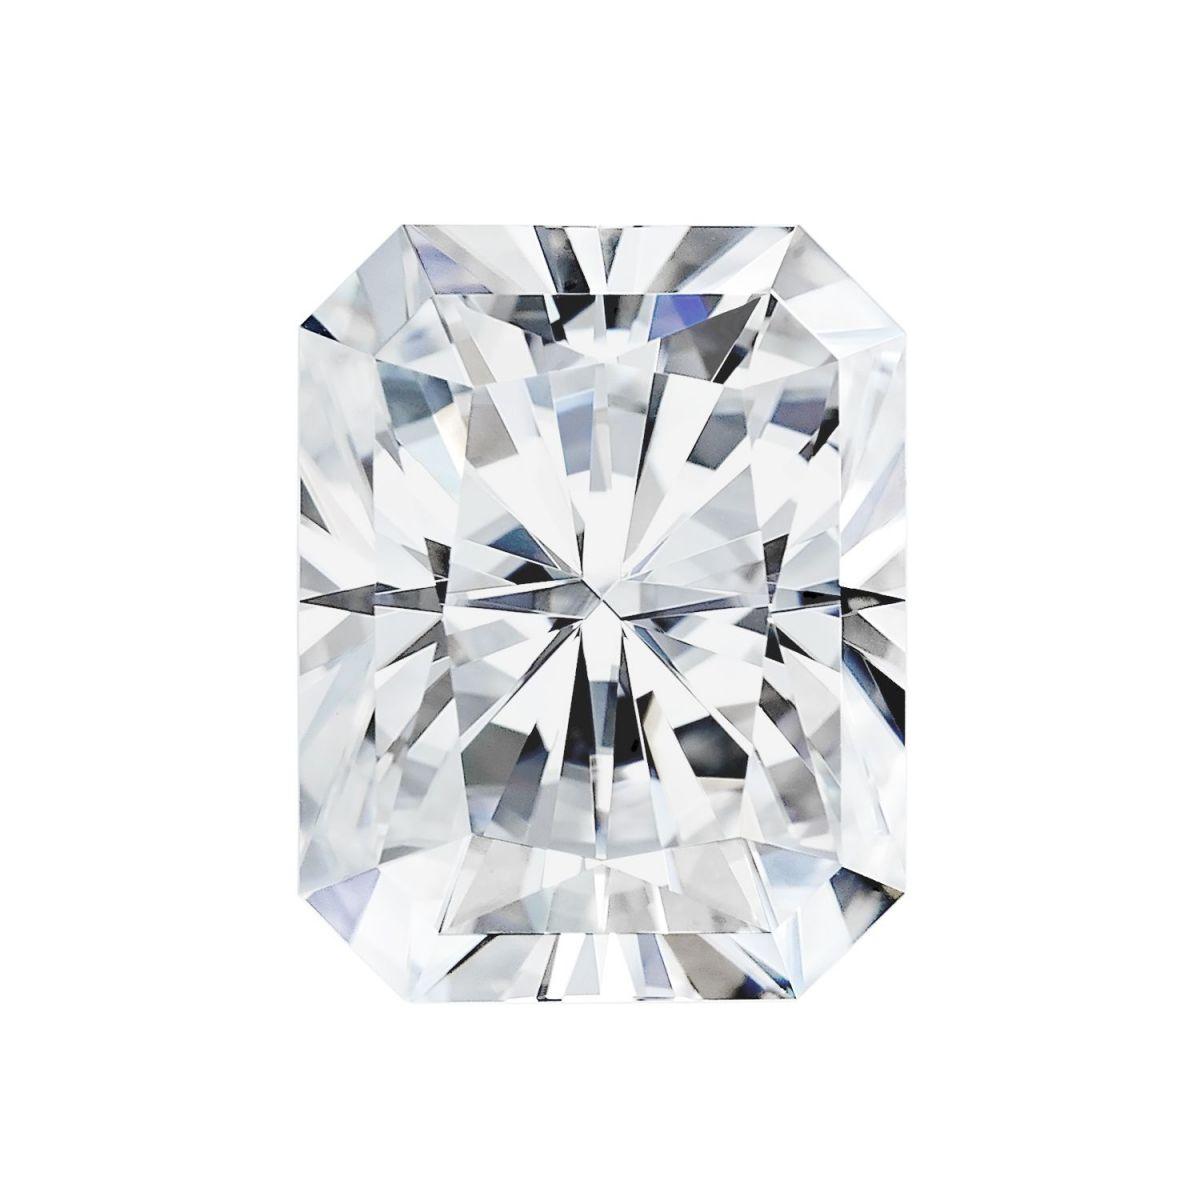 https://www.loveandpromisejewelers.com/media/catalog/product/cache/1b8ff75e92e9e3eb7d814fc024f6d8df/r/a/radiant_moissanite_image.jpg